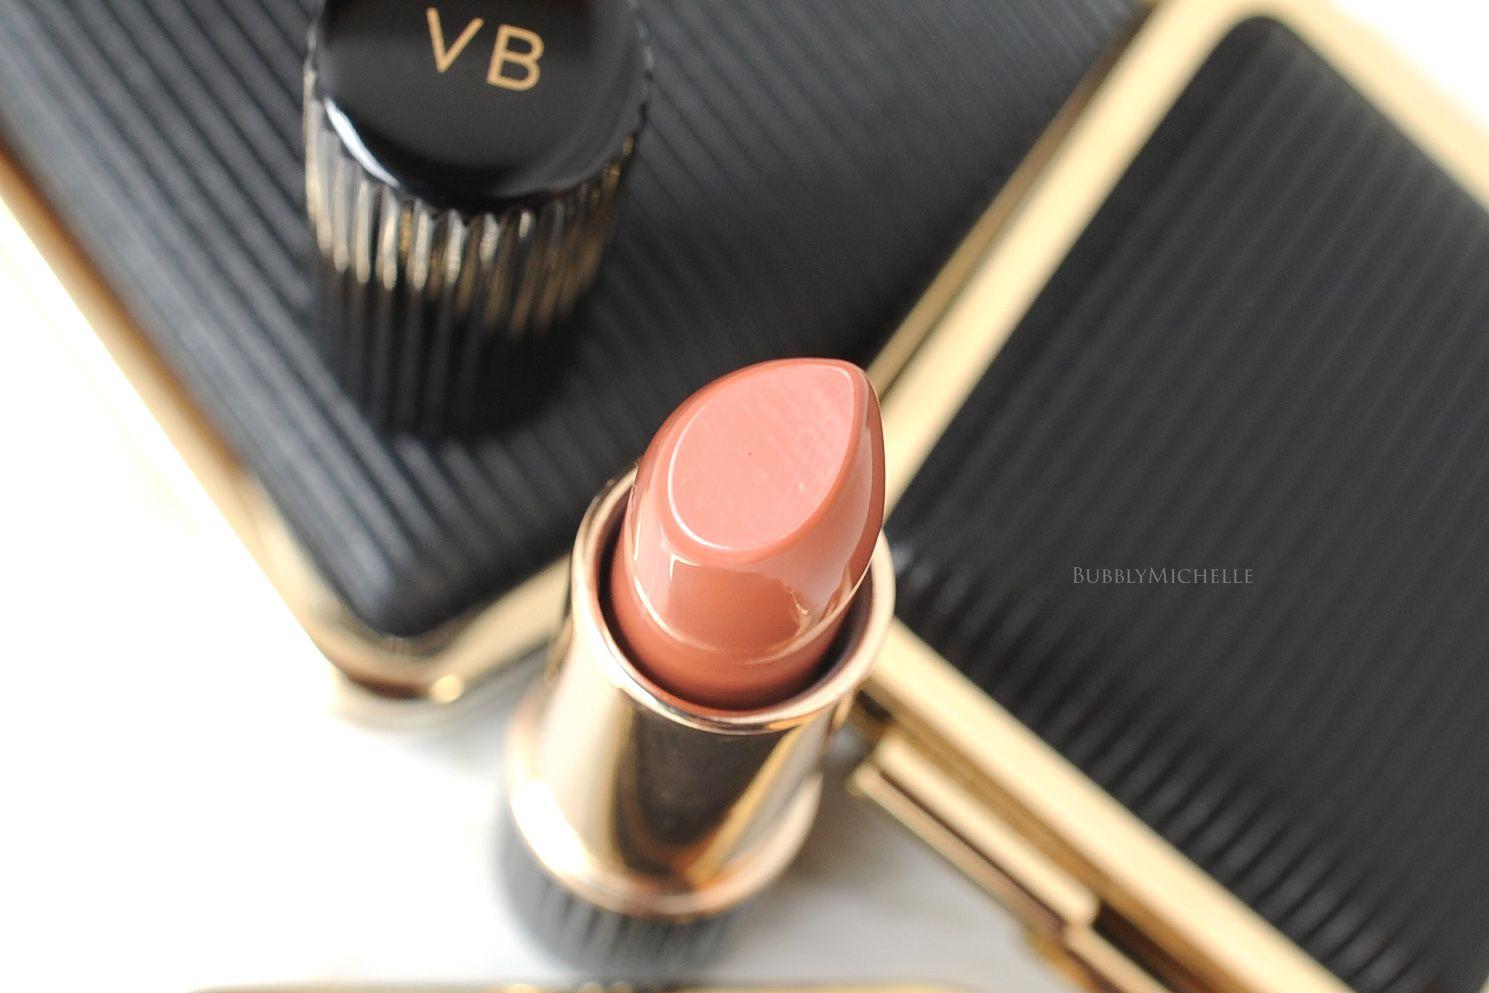 Victoria Beckham x Estée Lauder Collection Review